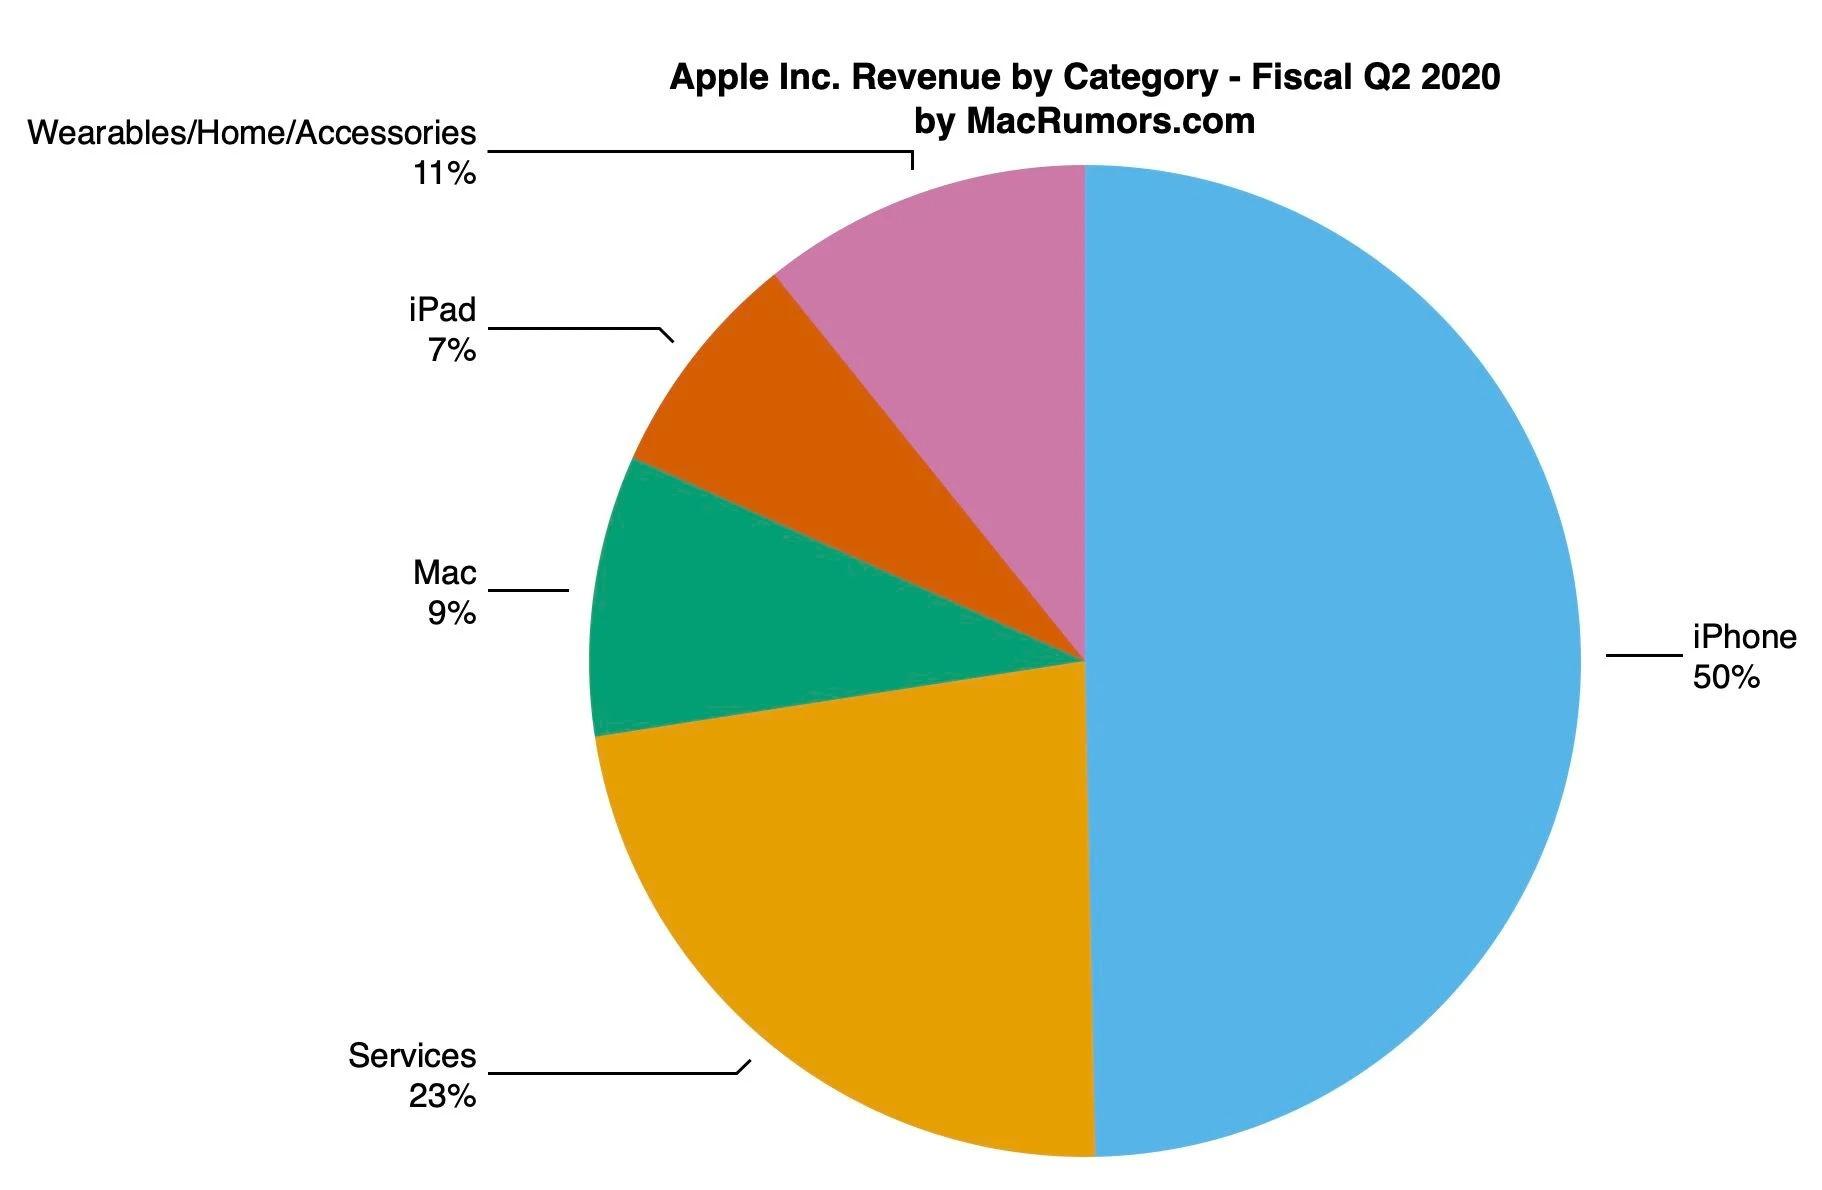 Reparto de la facturación por categorías de productos